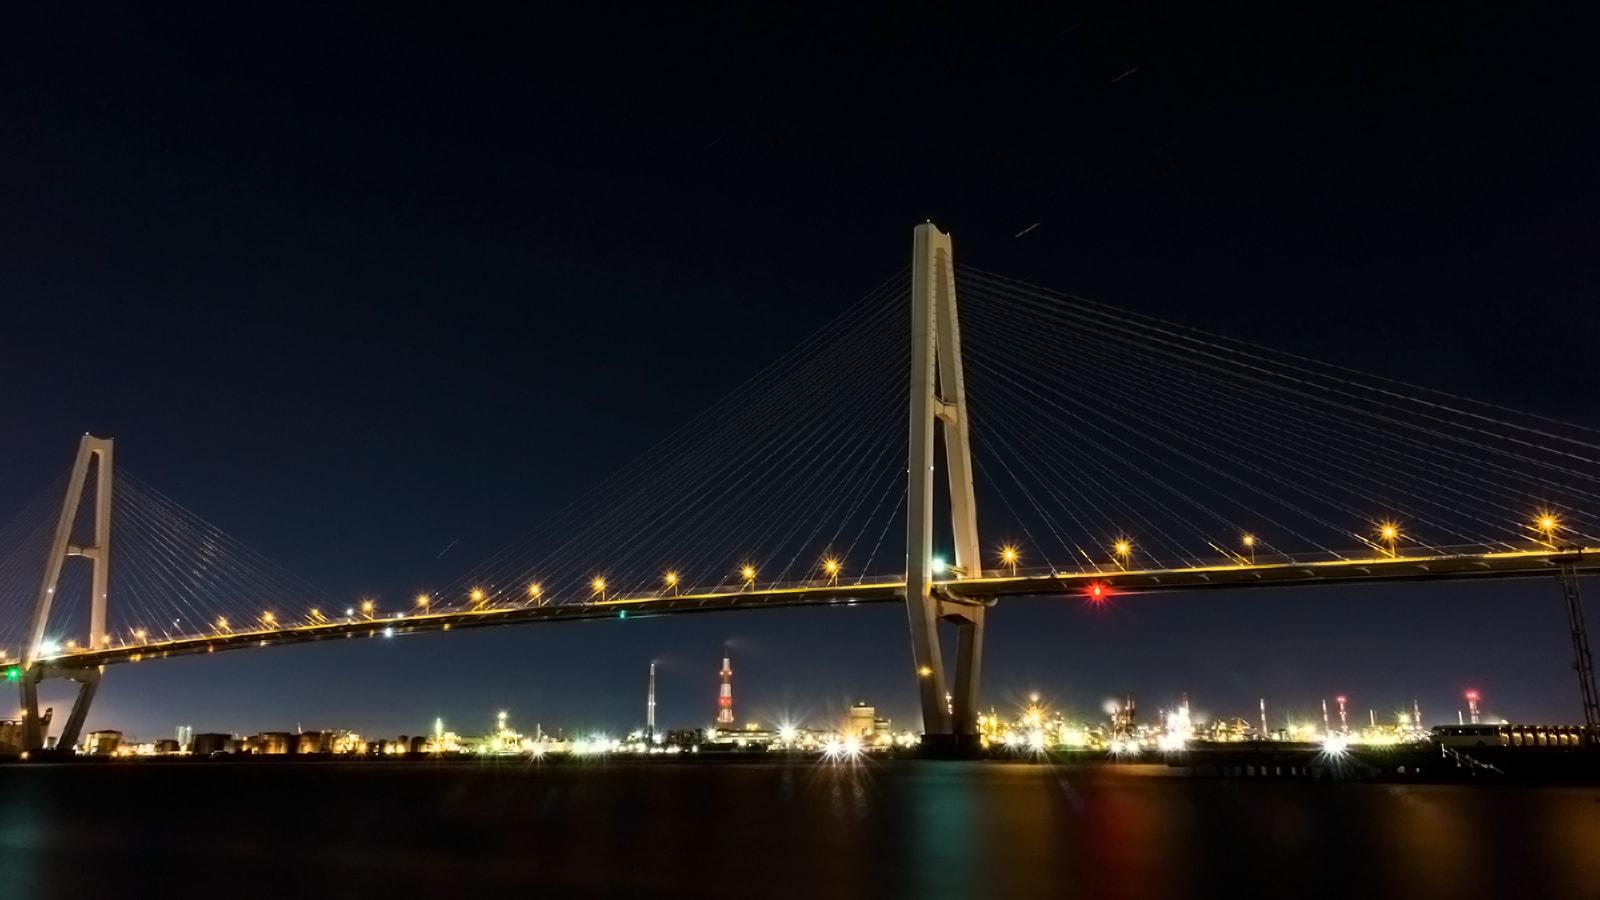 金城ふ頭周辺の名港トリトンと東海市の工場夜景を収めた写真